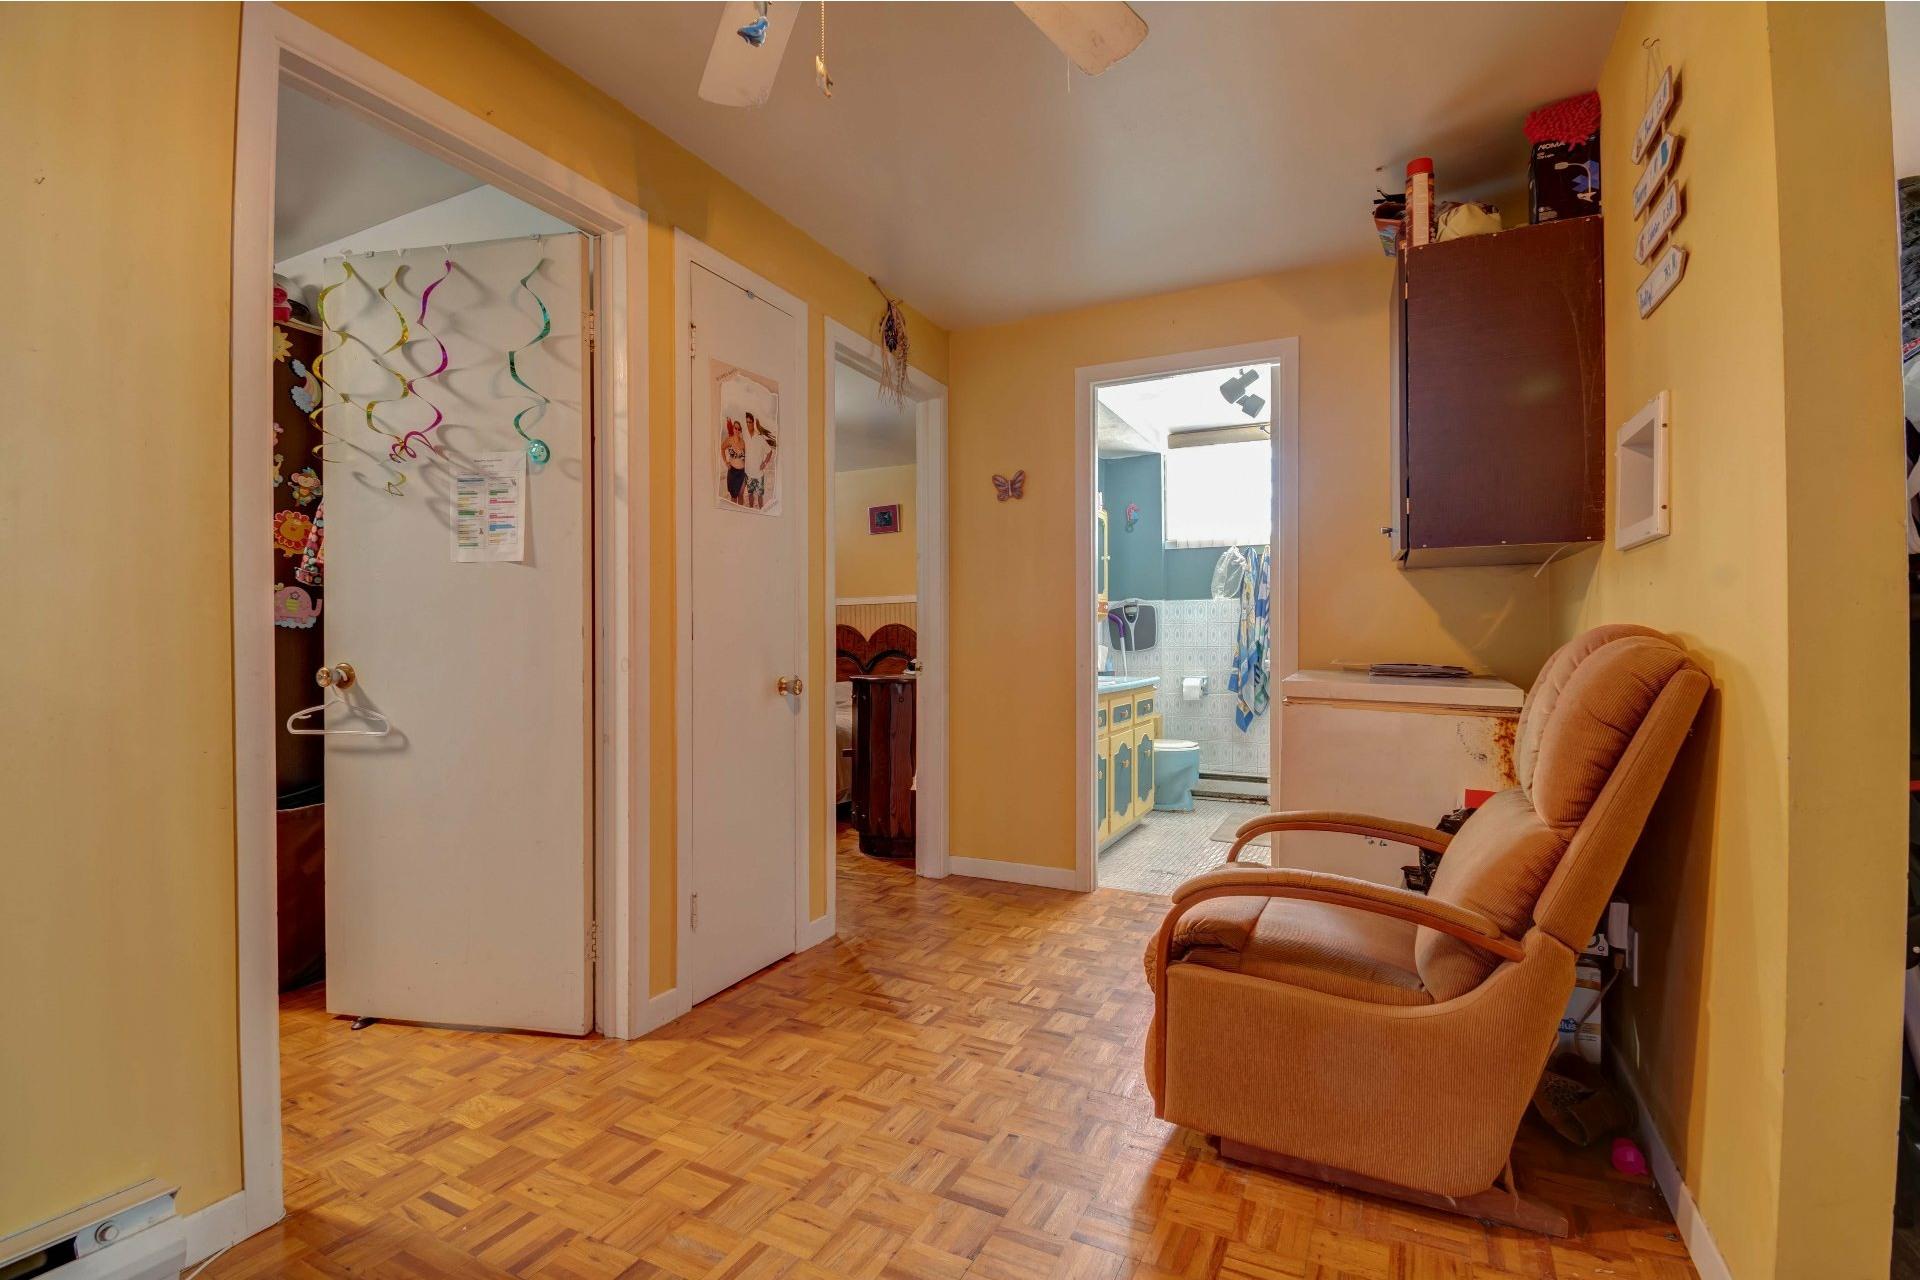 image 22 - Duplex À vendre Trois-Rivières - 6 pièces